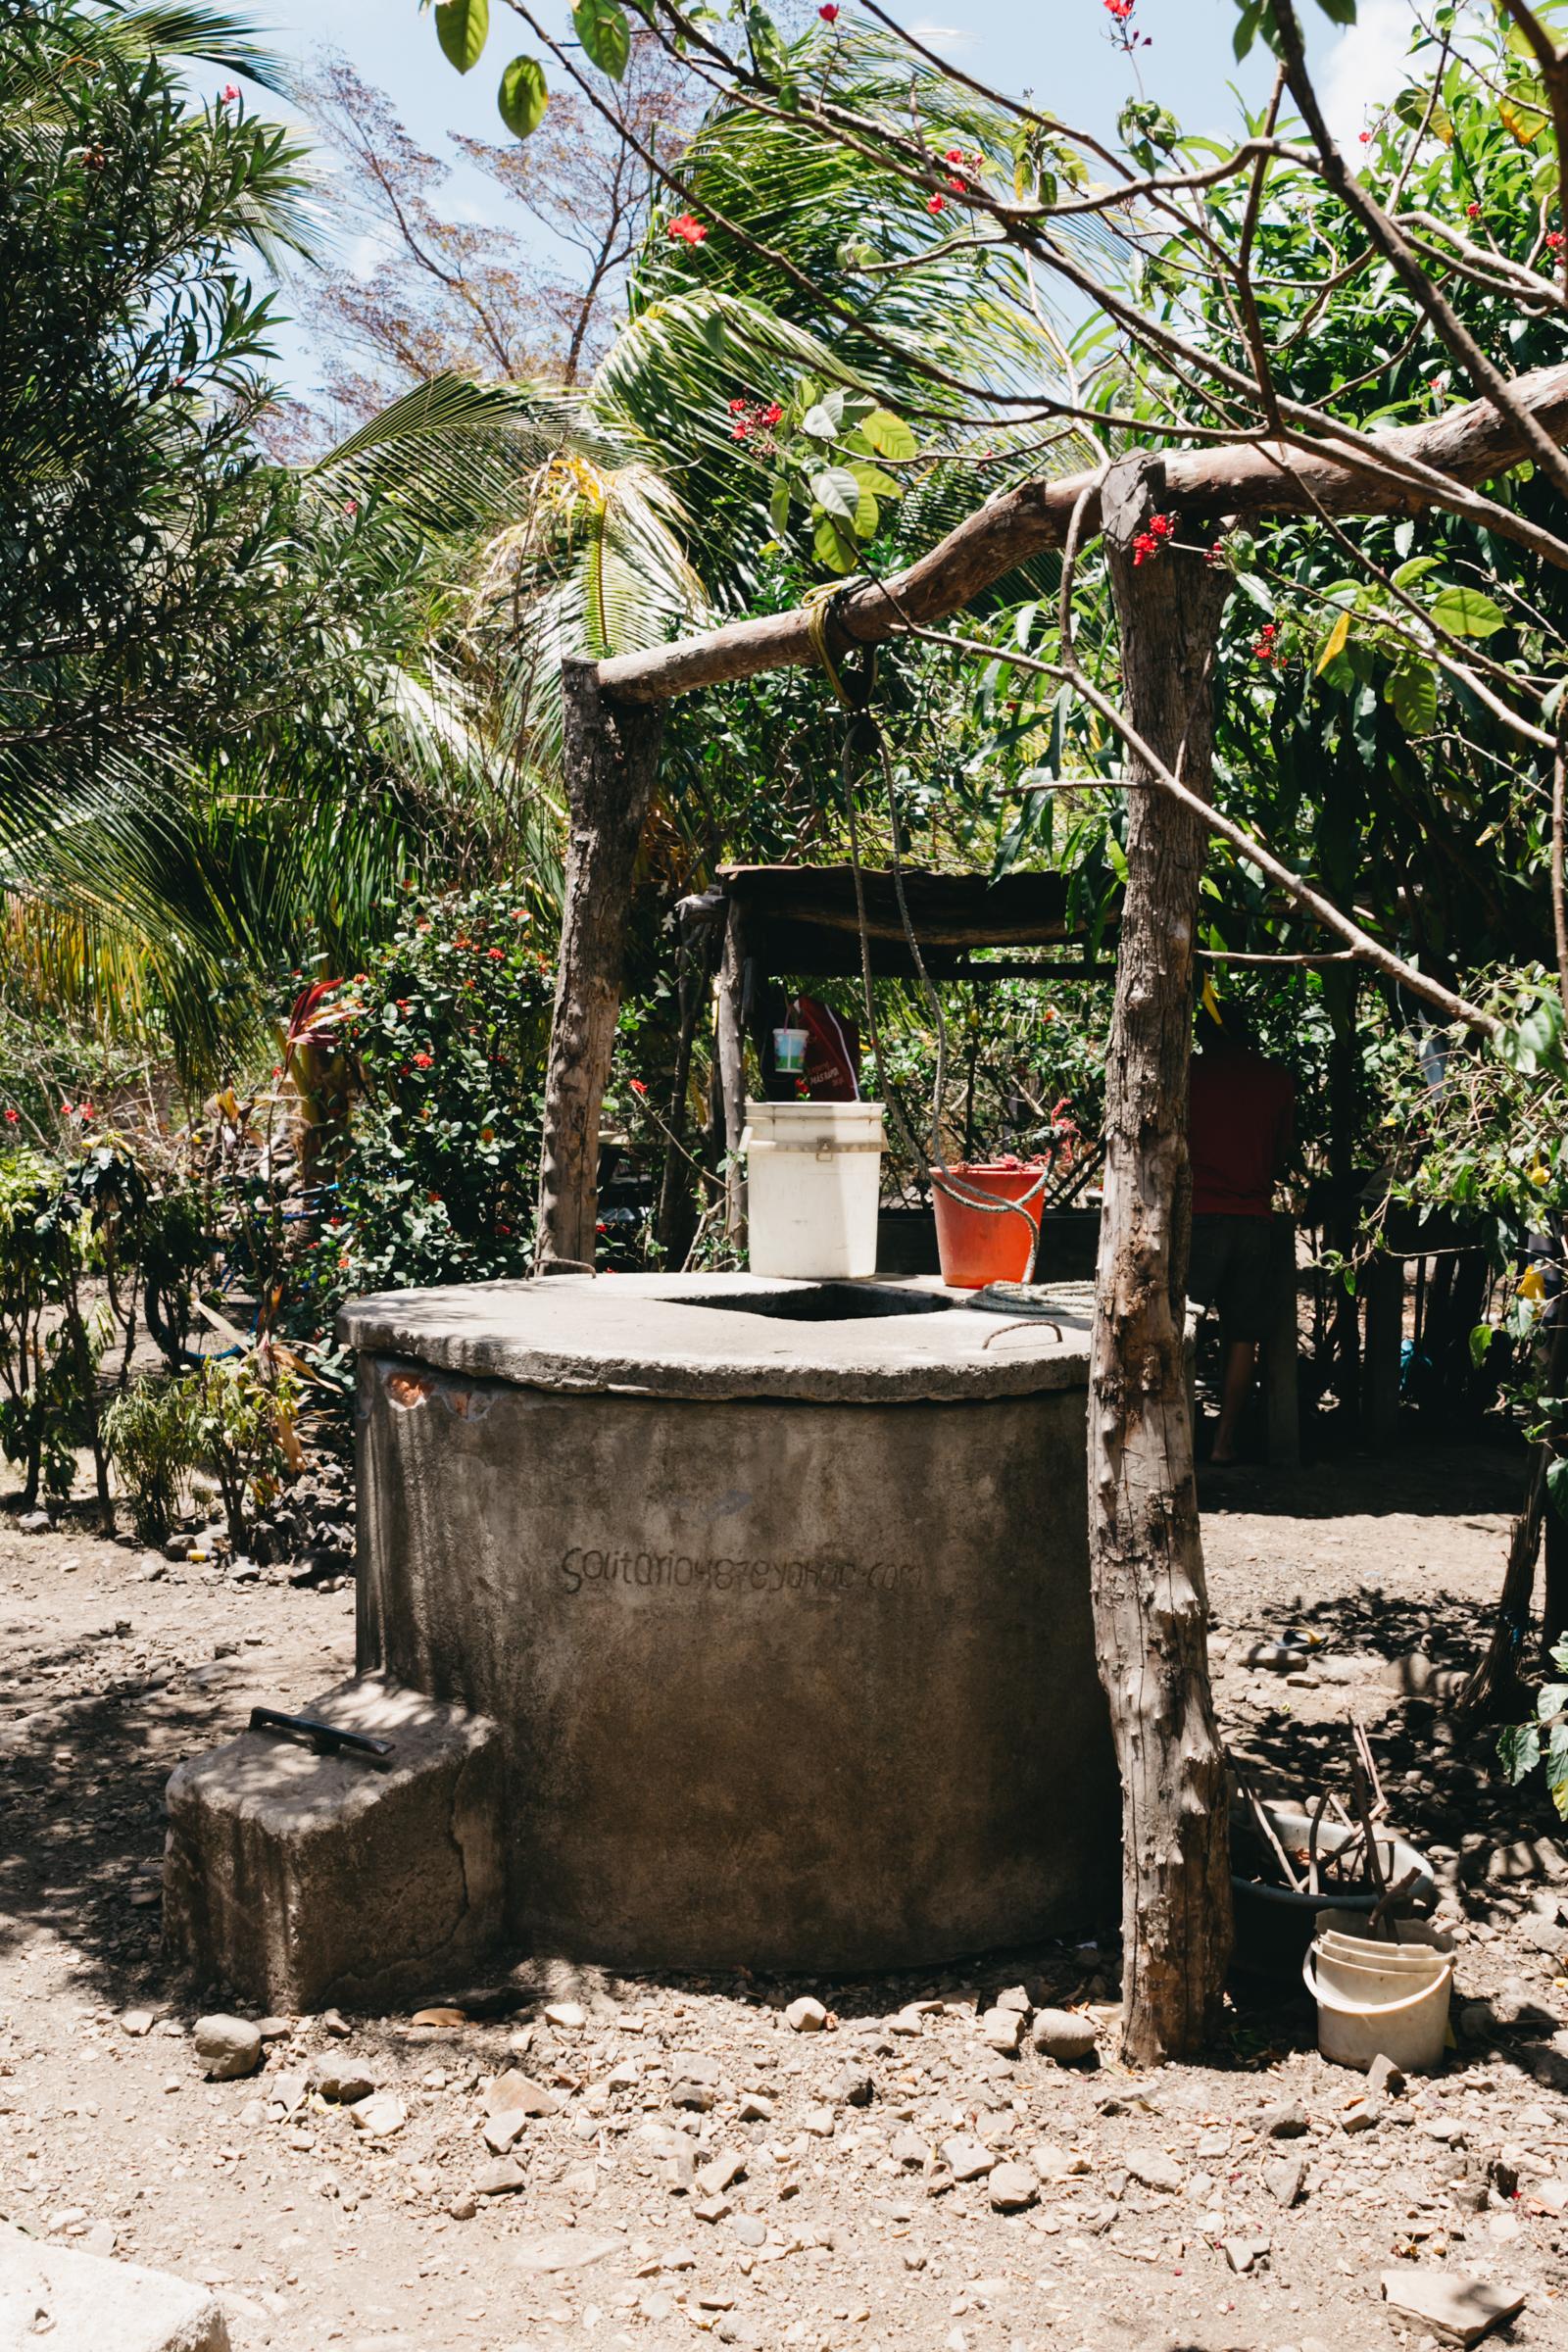 9ThelatitudeProject_Day2+3_KaylaRocca_NicaraguaIMG_2179.jpg